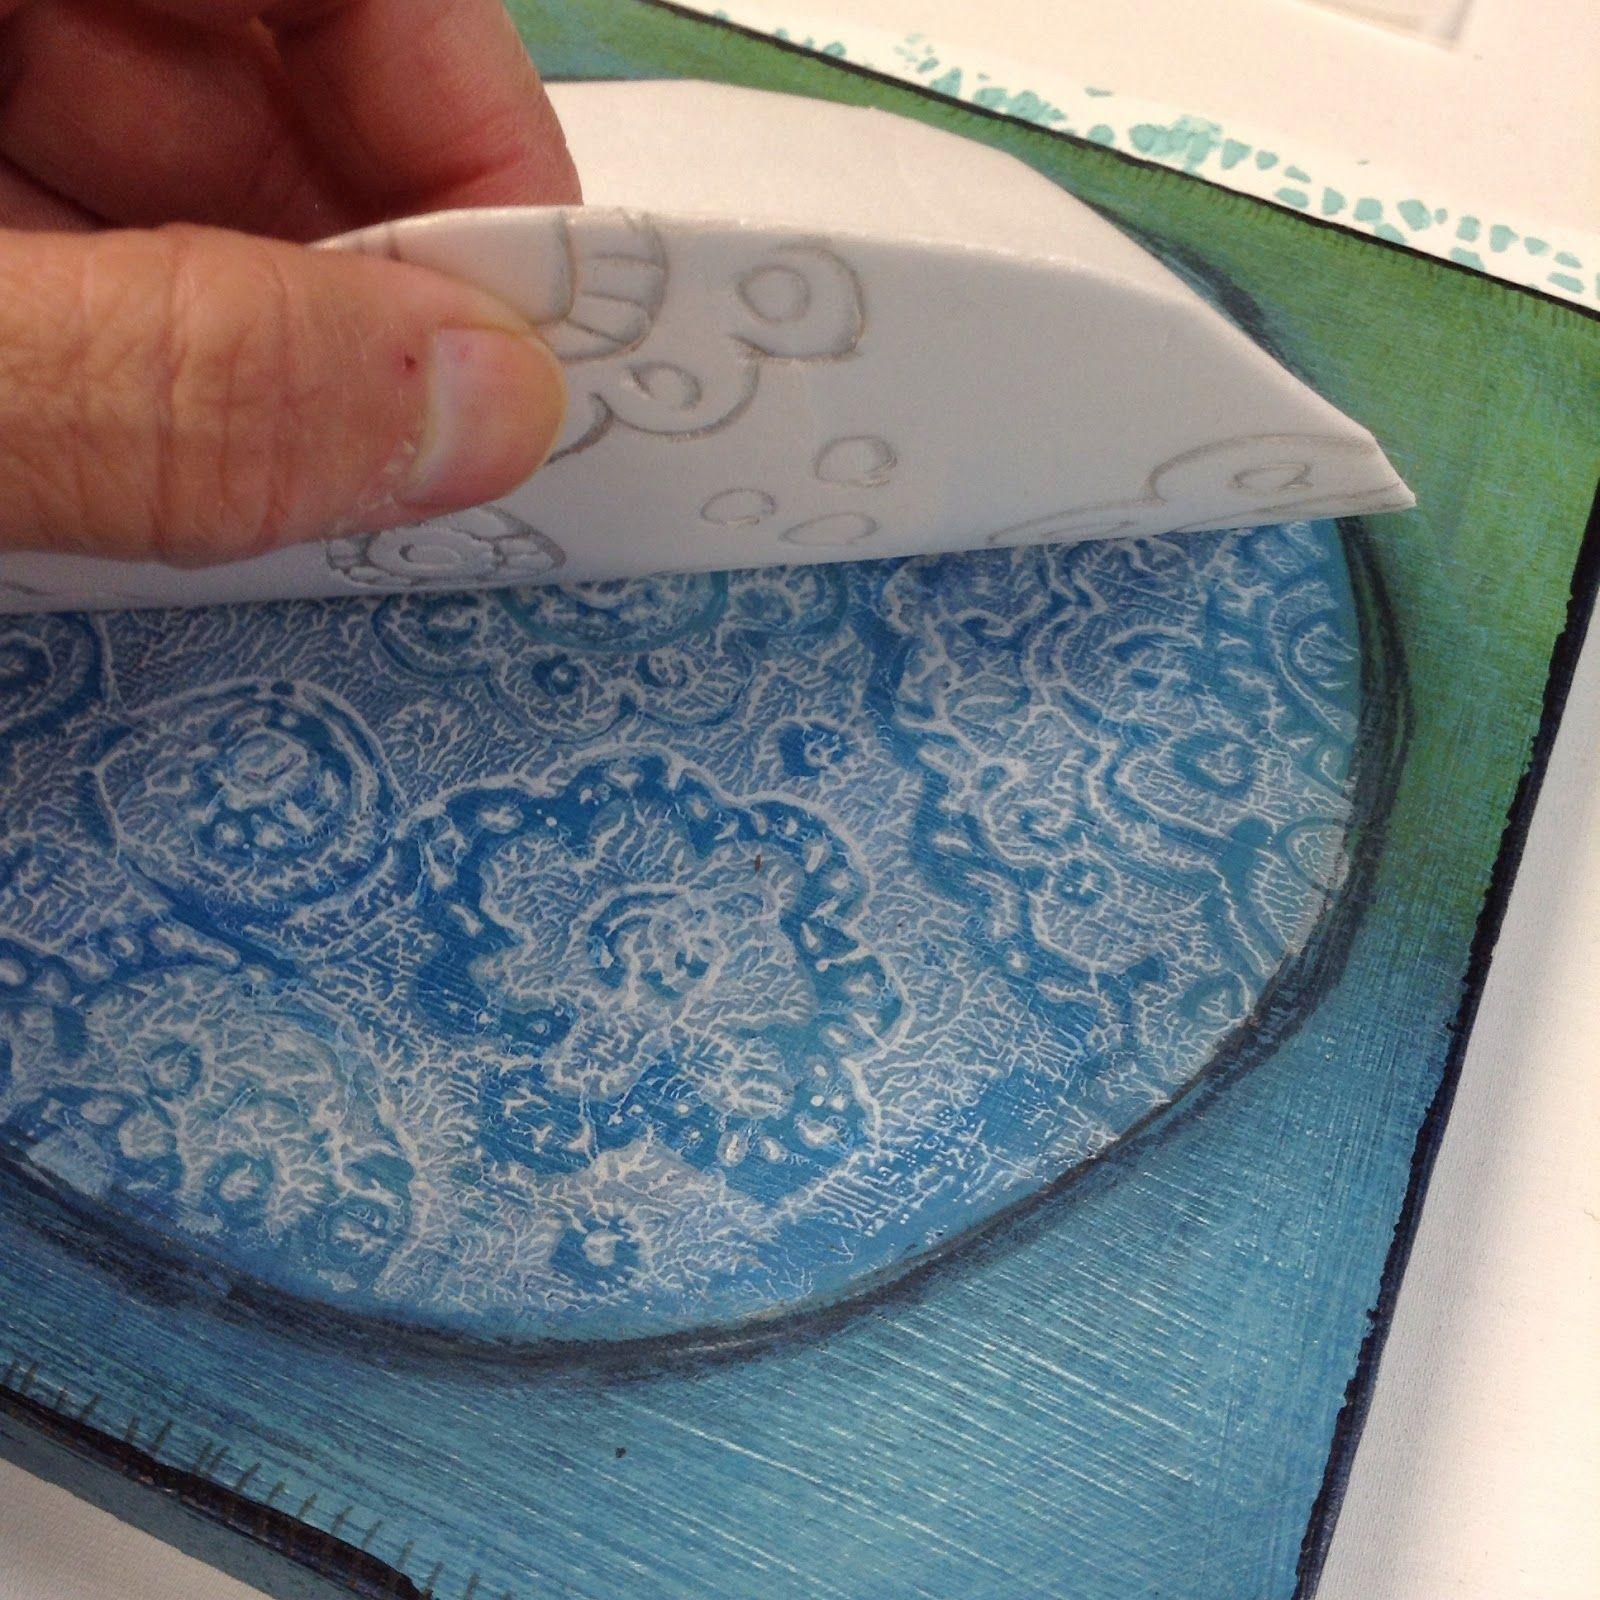 Printmaking by Ruth Rae